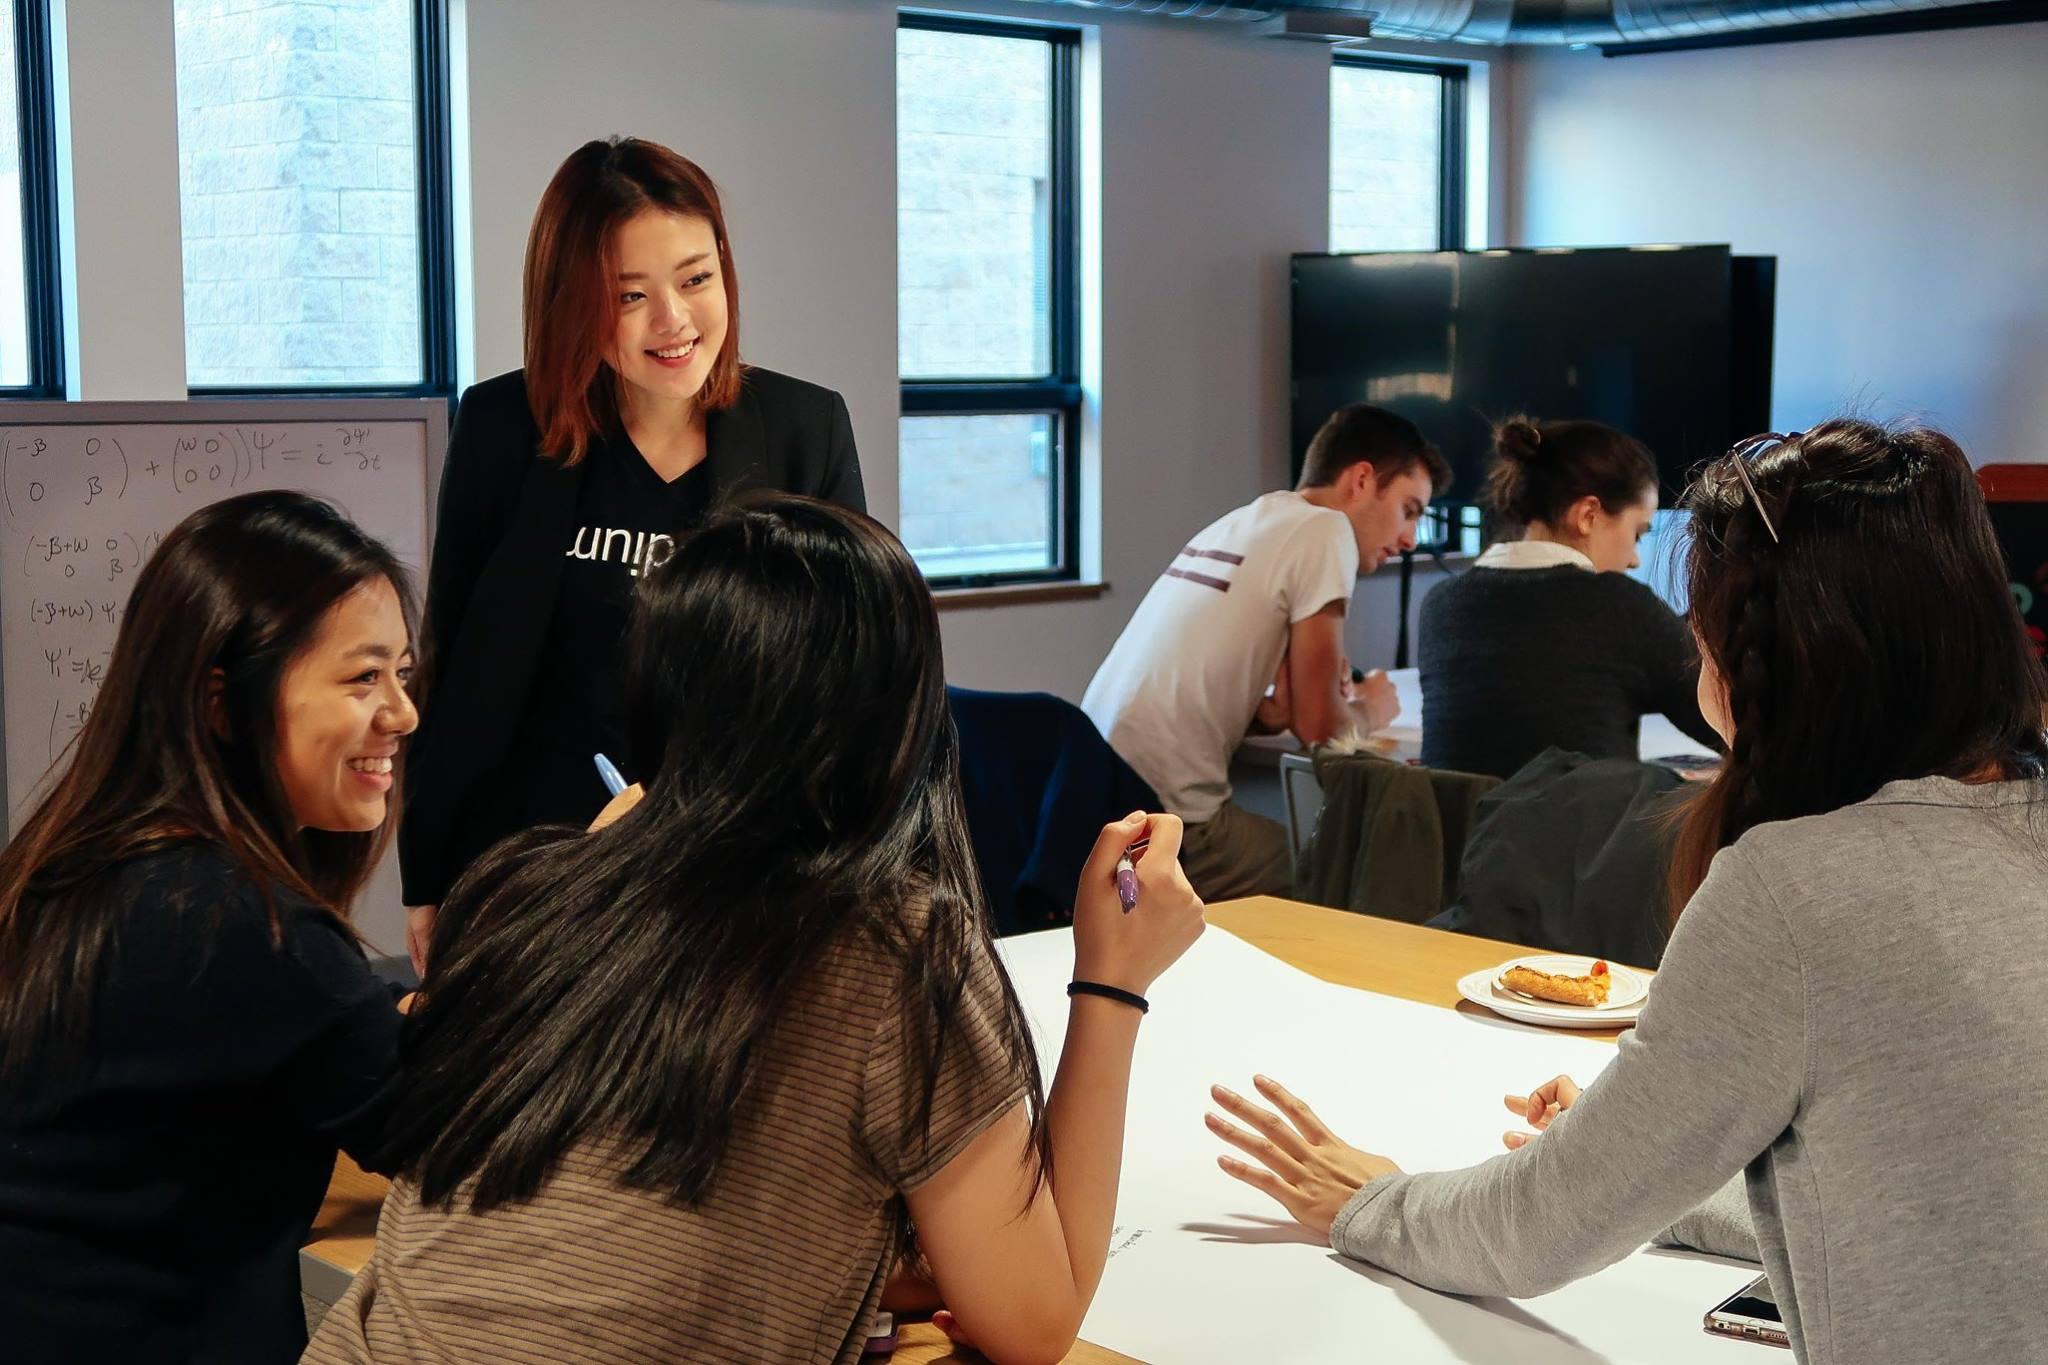 ^ me Instructing design thinking workshops 😌